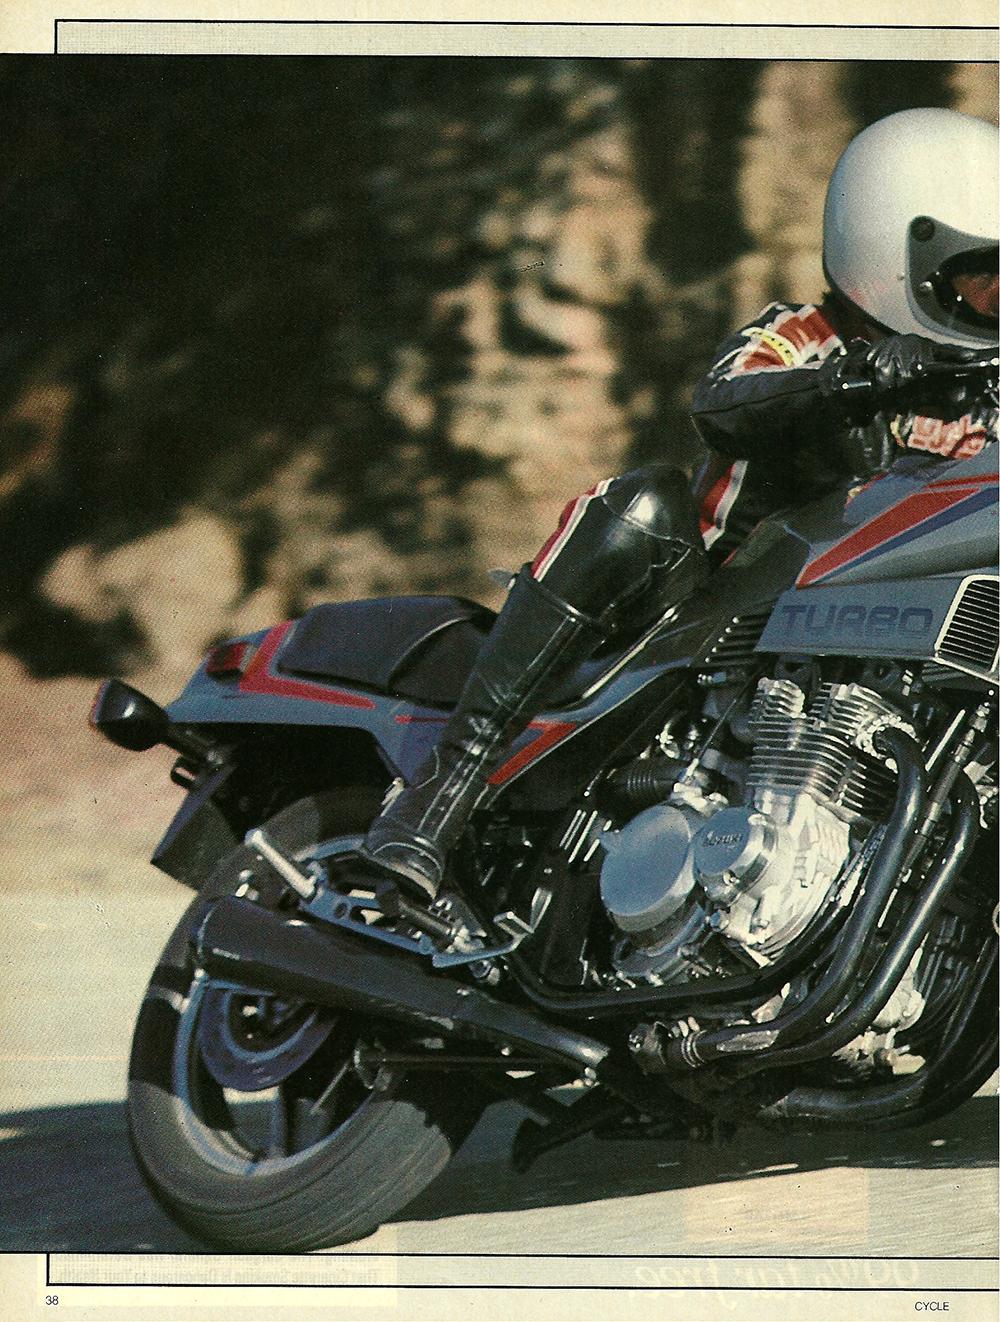 1983 Suzuki XN85 Turbo road test 1.jpg